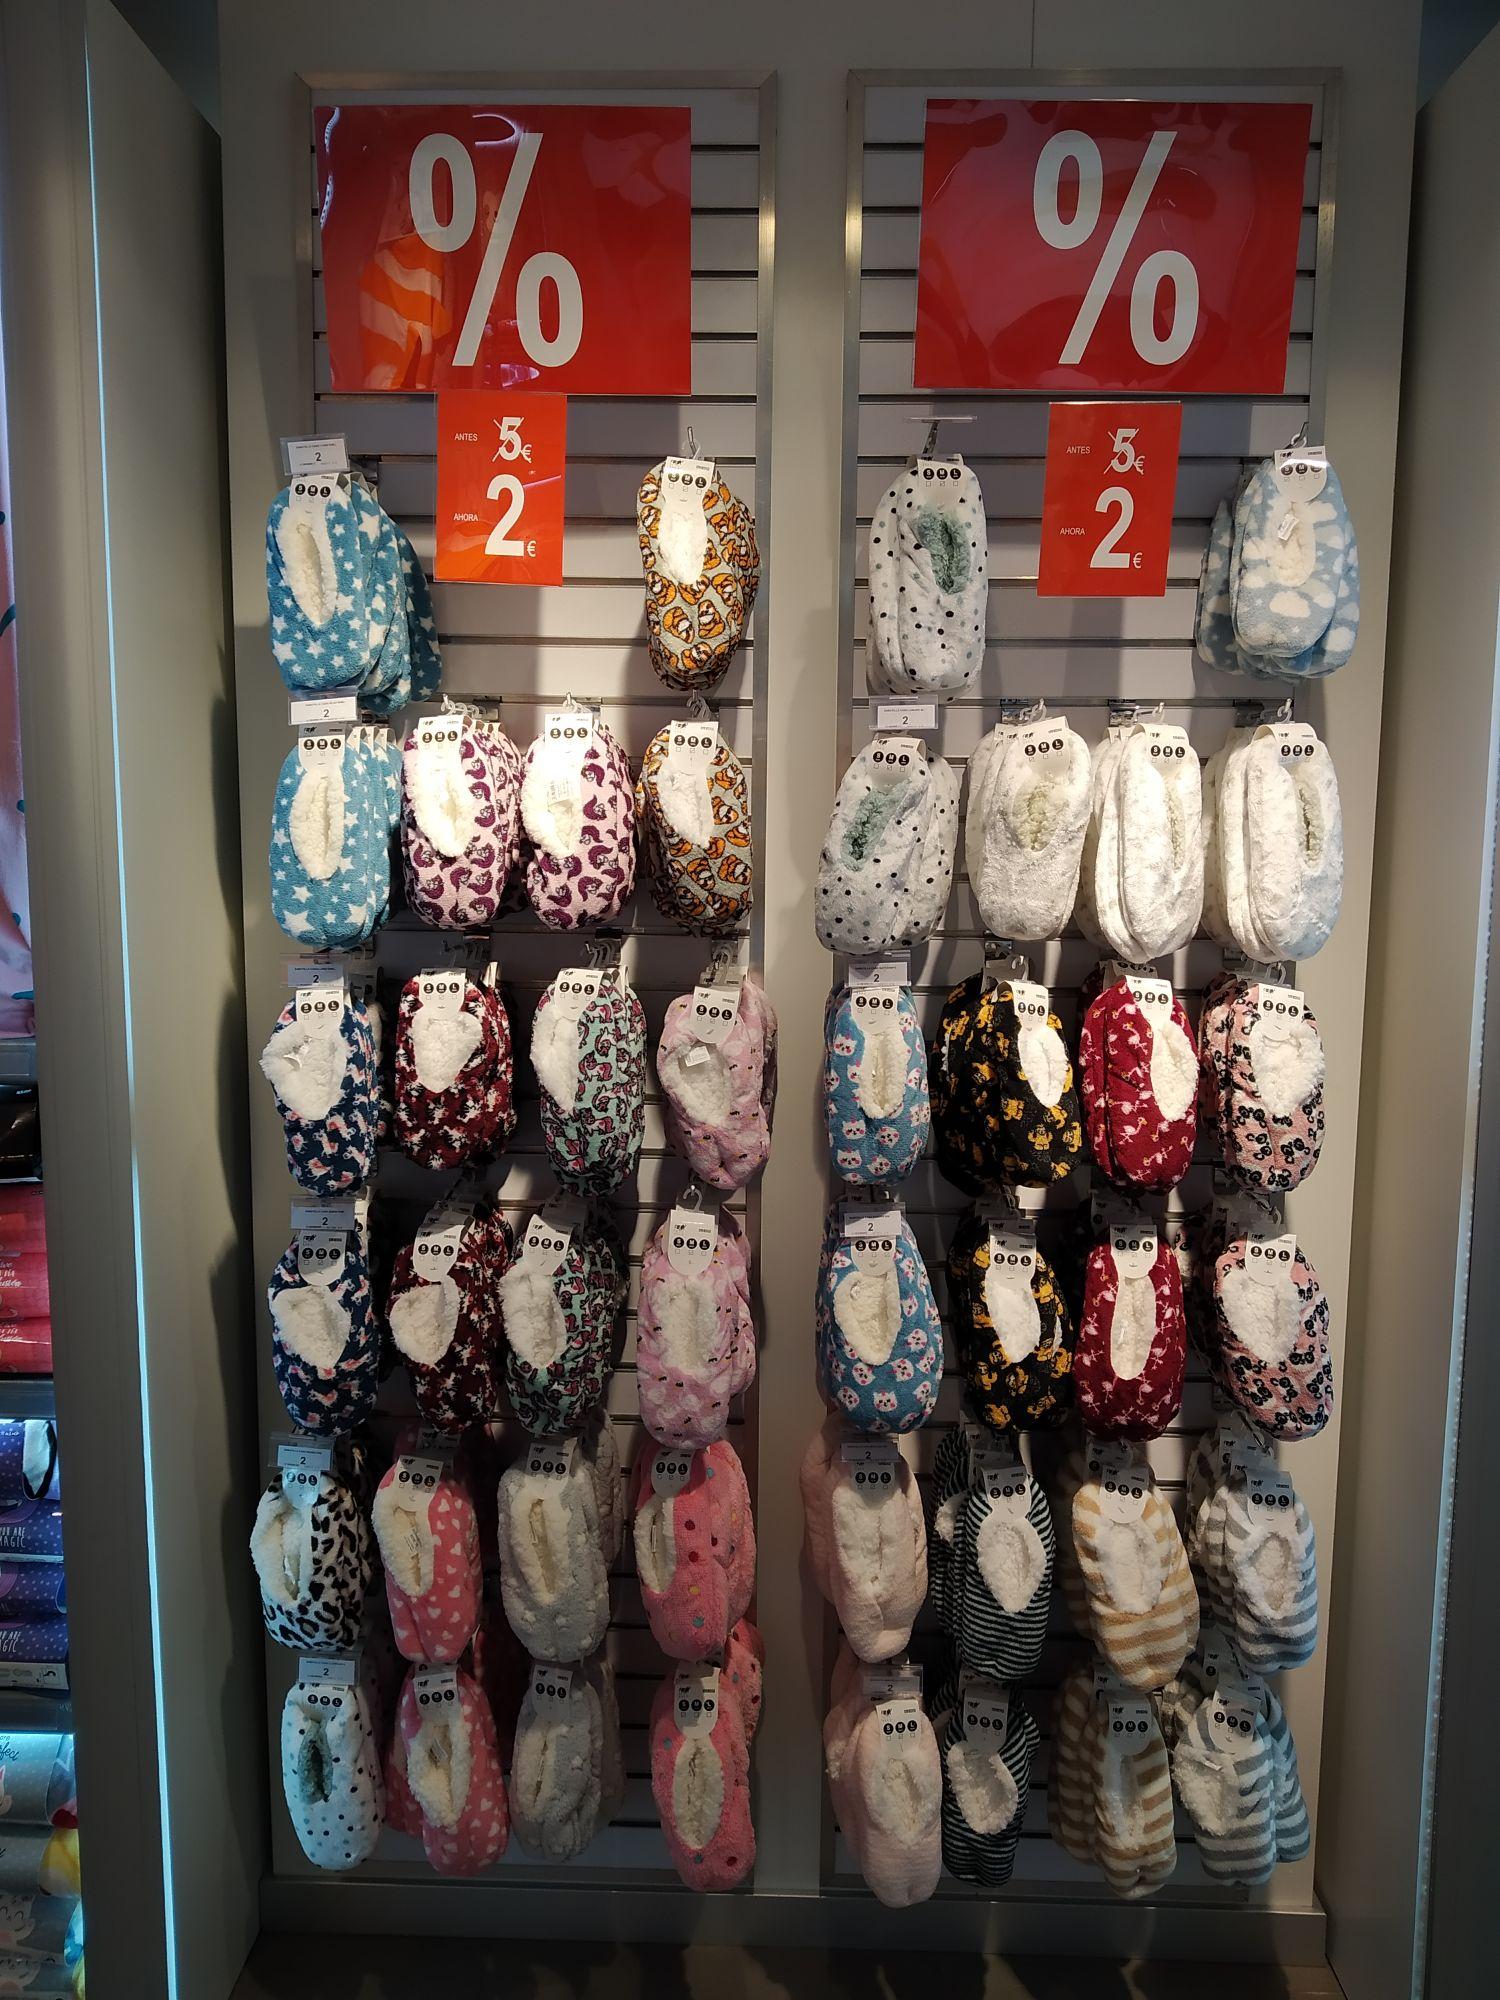 Alpargata/calcetín tiendas Ale-Hop